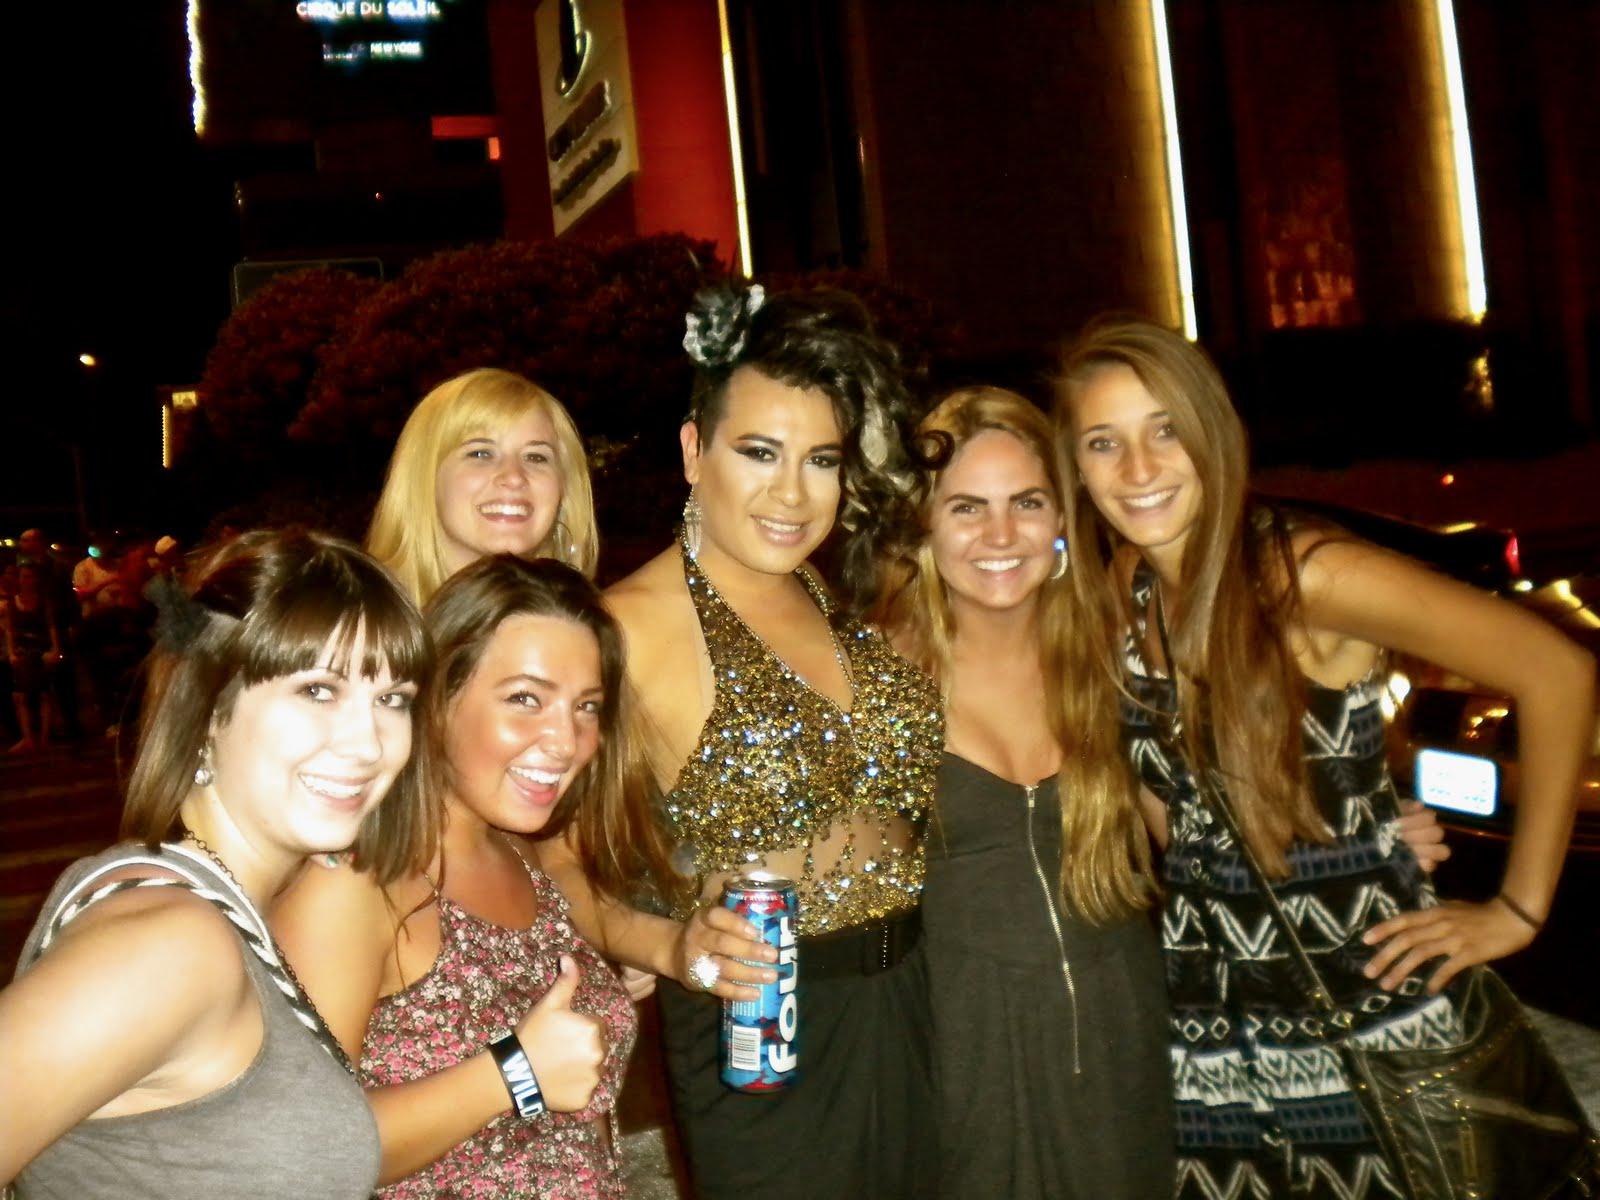 Tranny Club Las Vegas